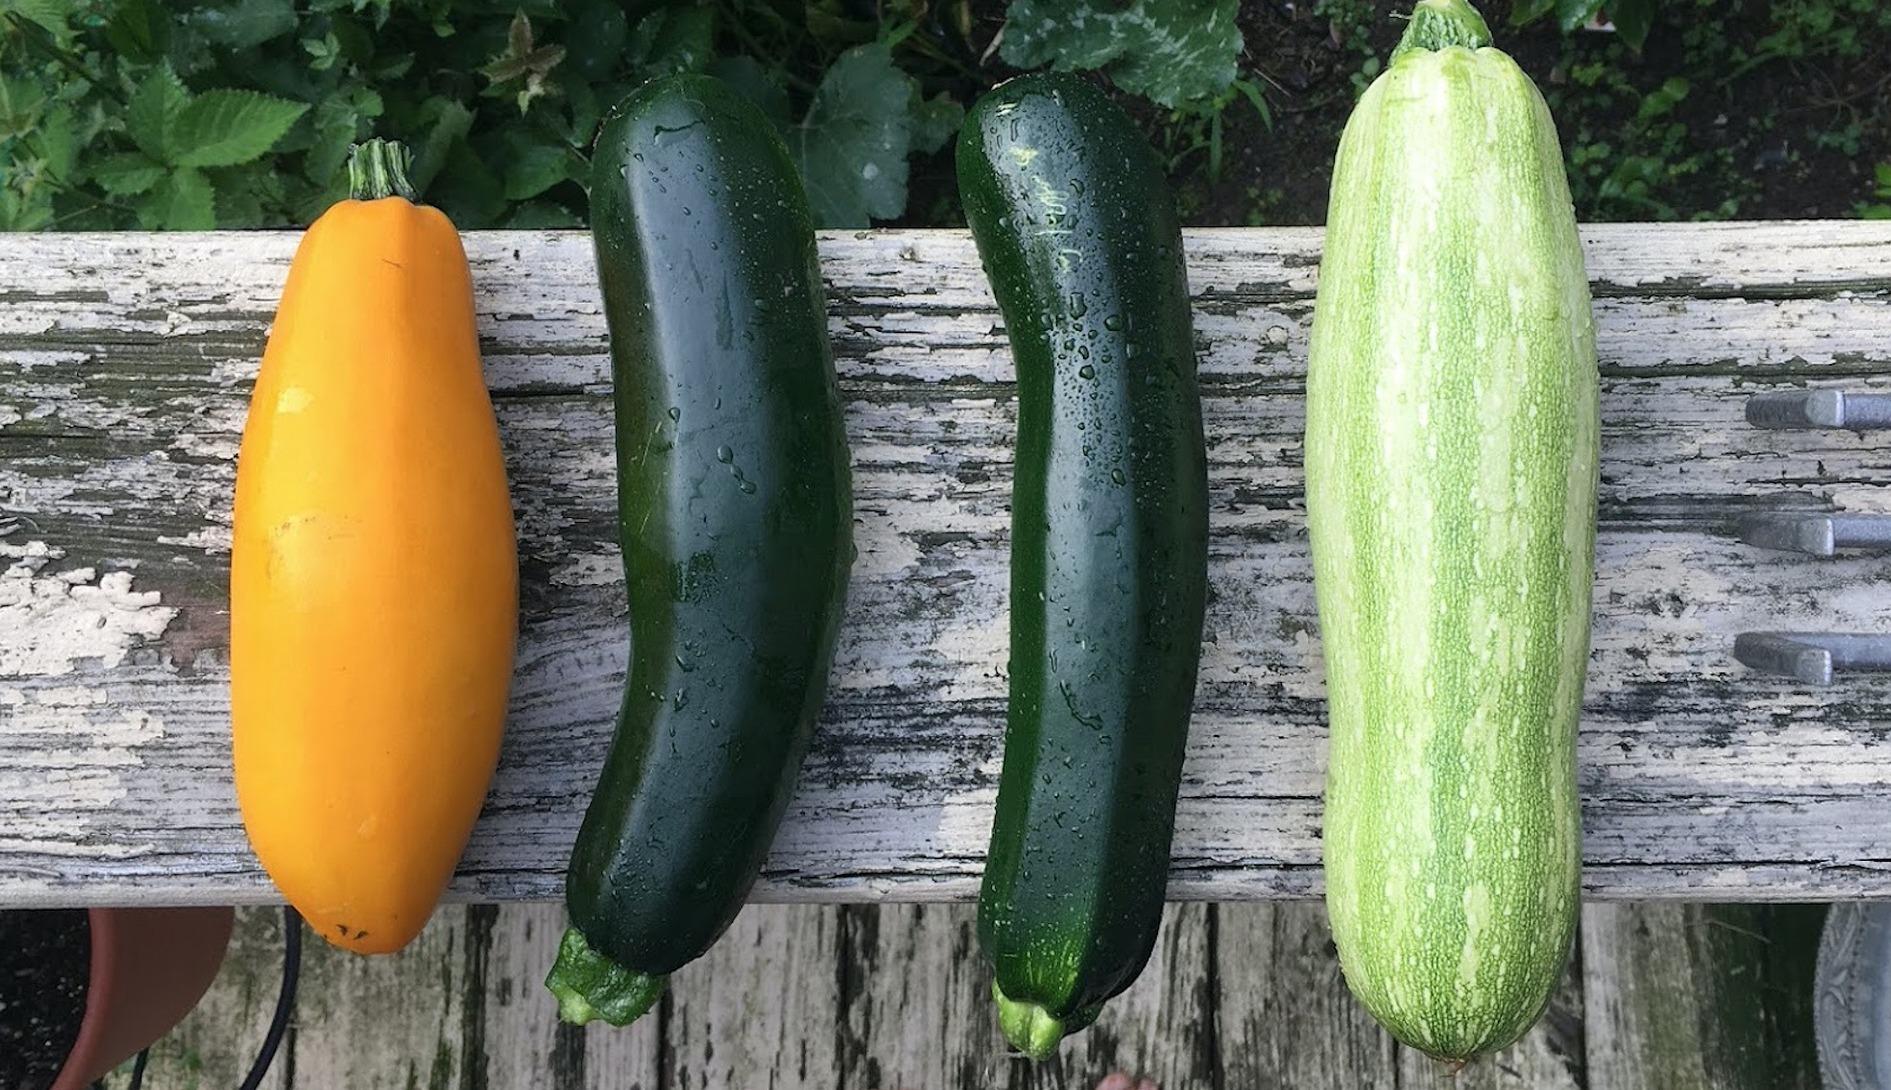 zucchini-2611507_1920